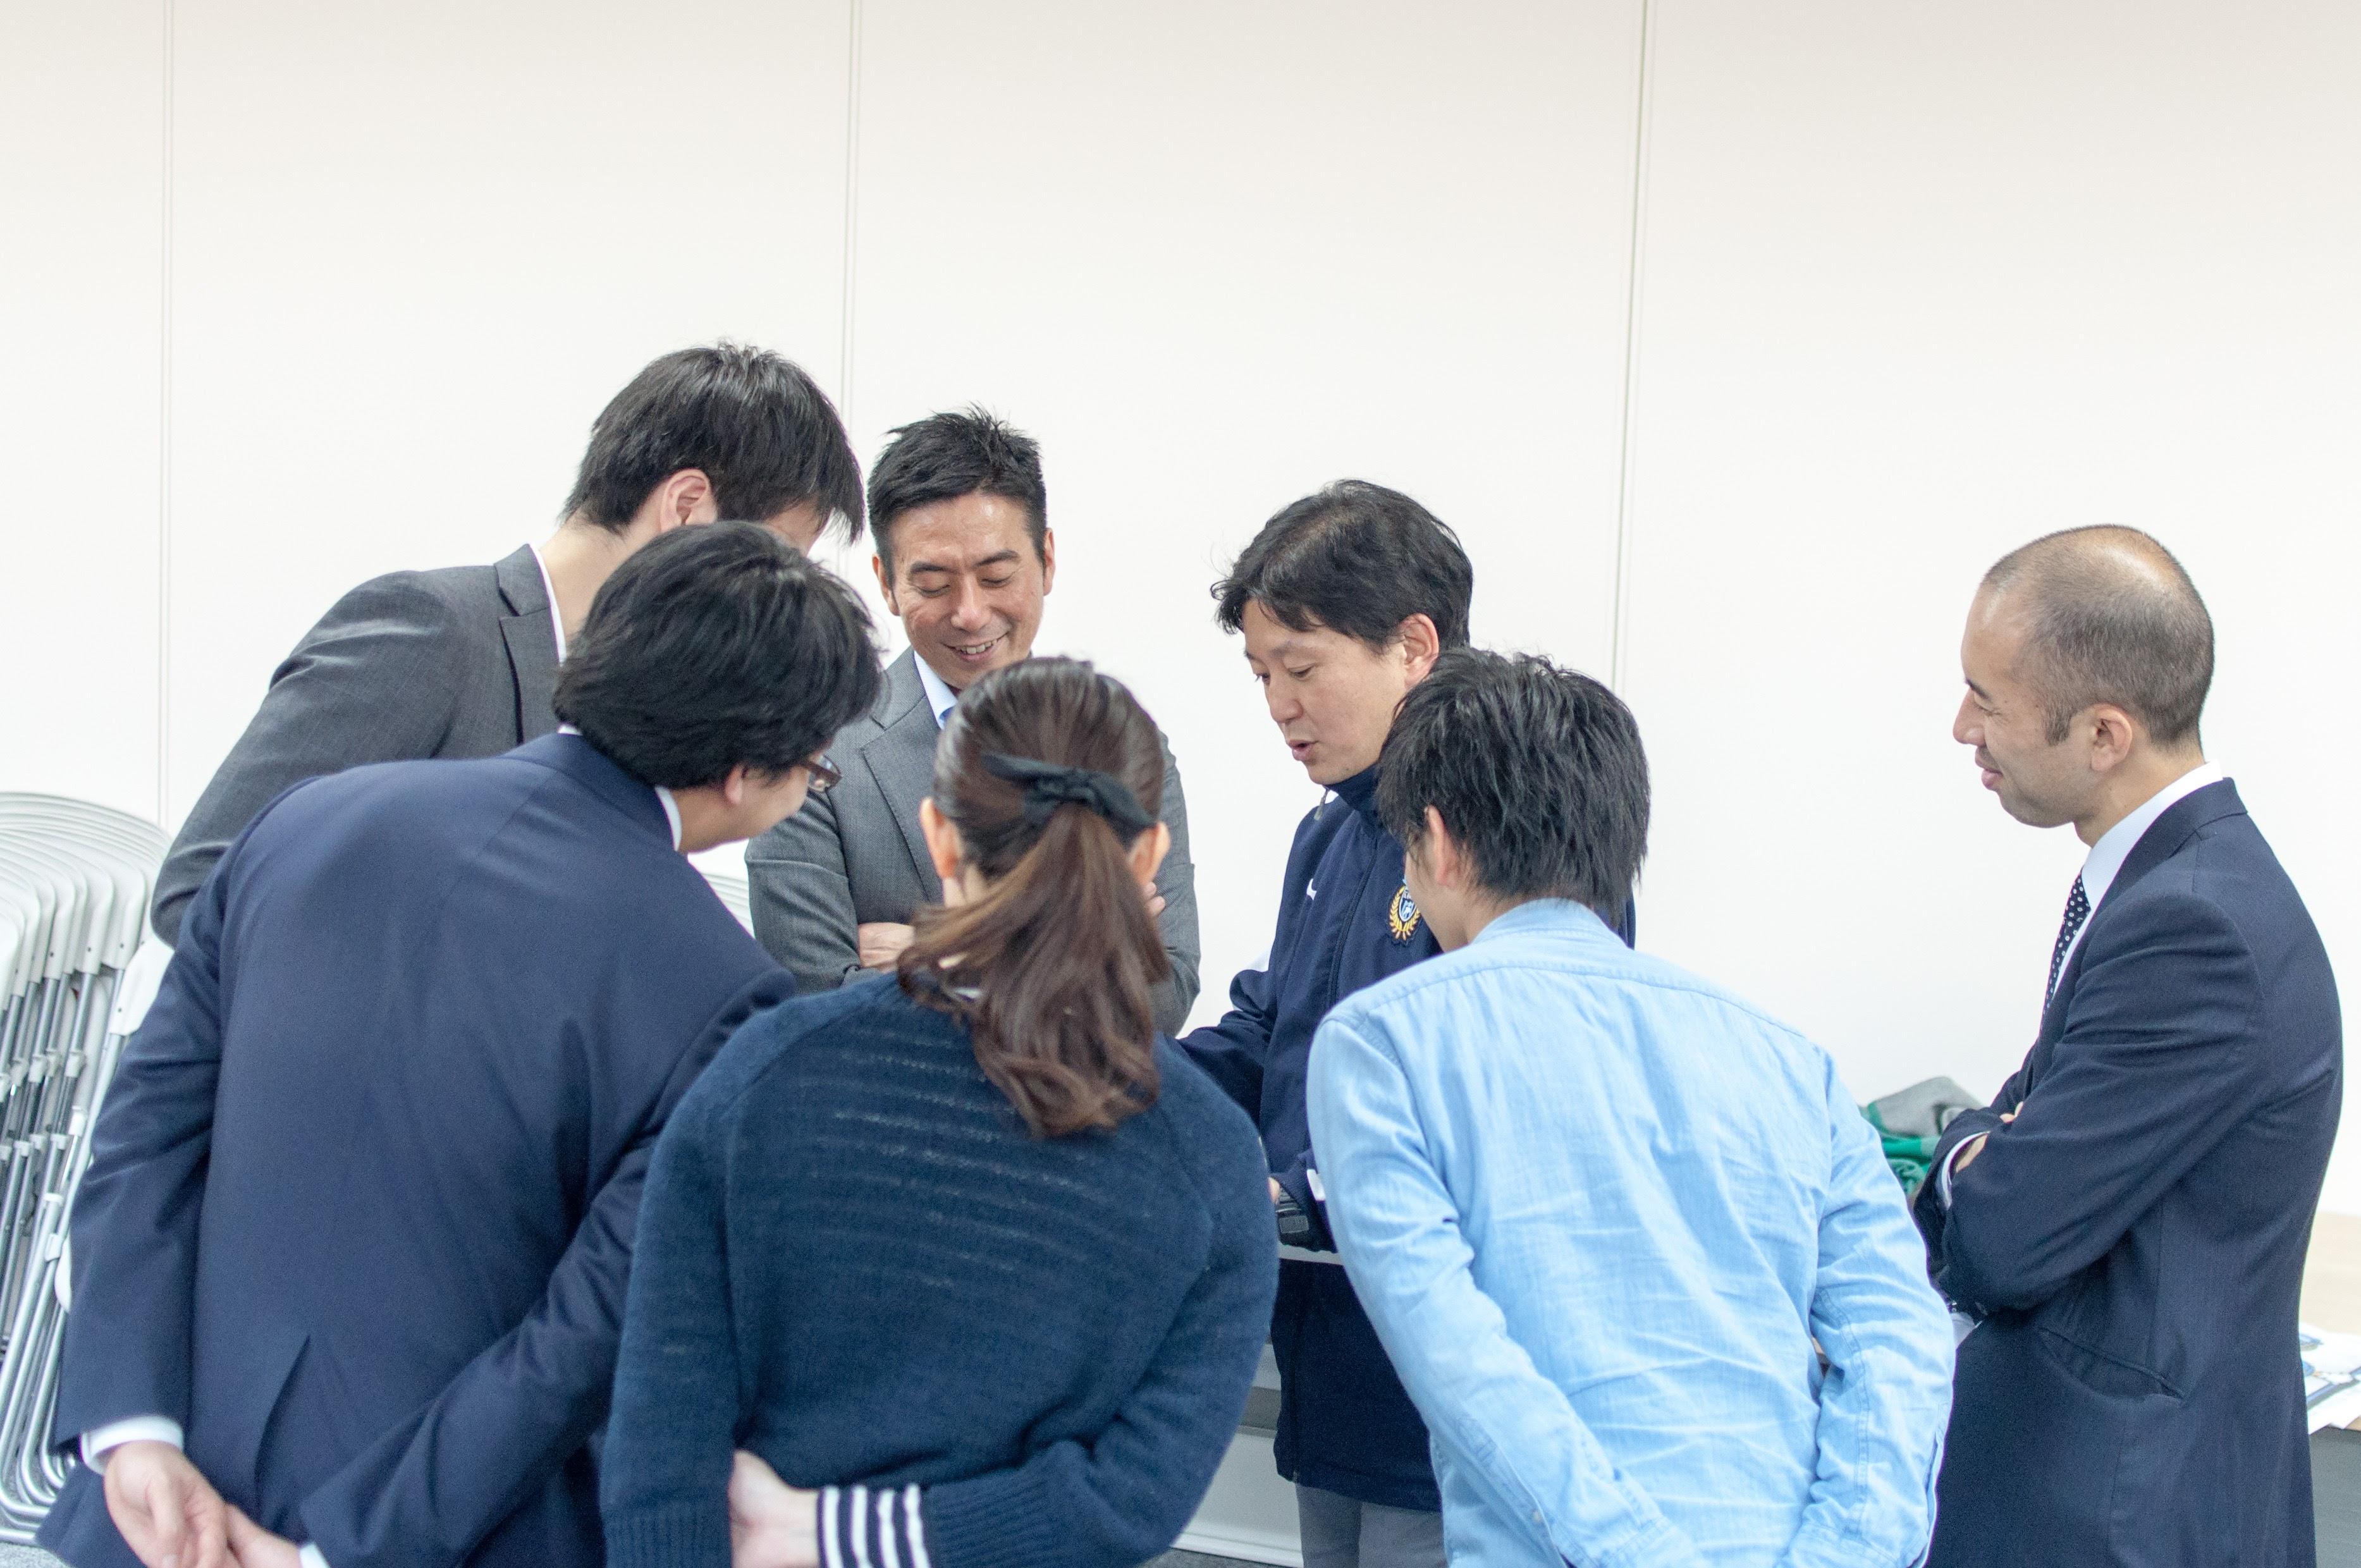 天野さんのトークに夢中で耳を傾ける参加者の方々。懇親会中もゲストと共に熱く語り合います。